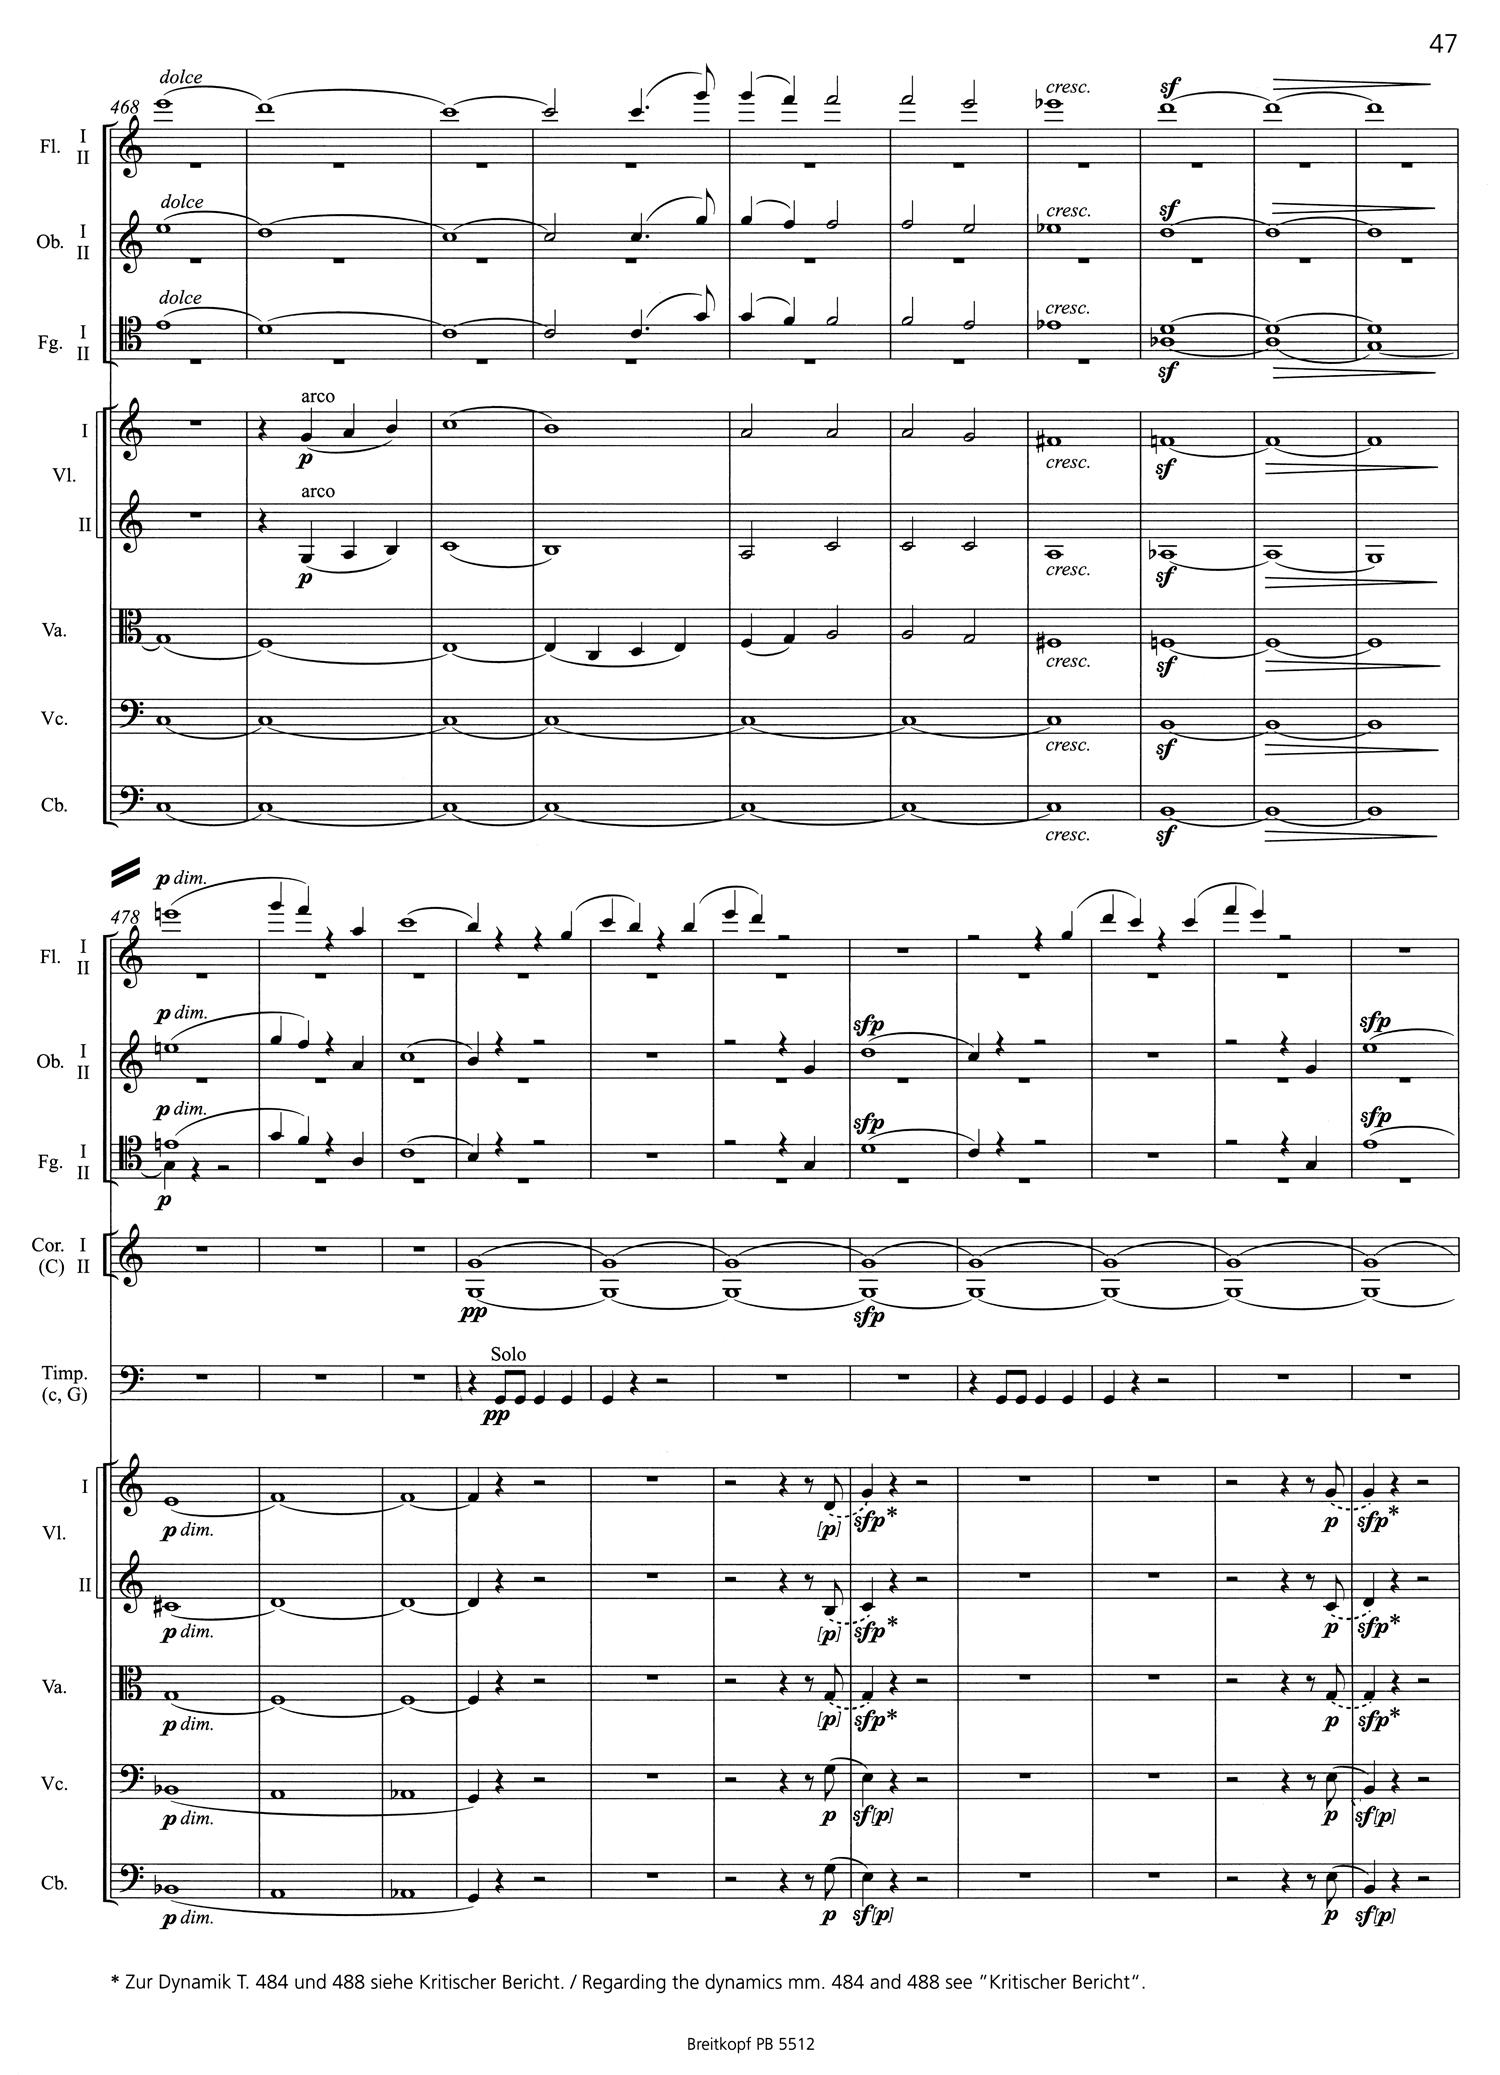 Beethoven Leonore Score 4.jpg